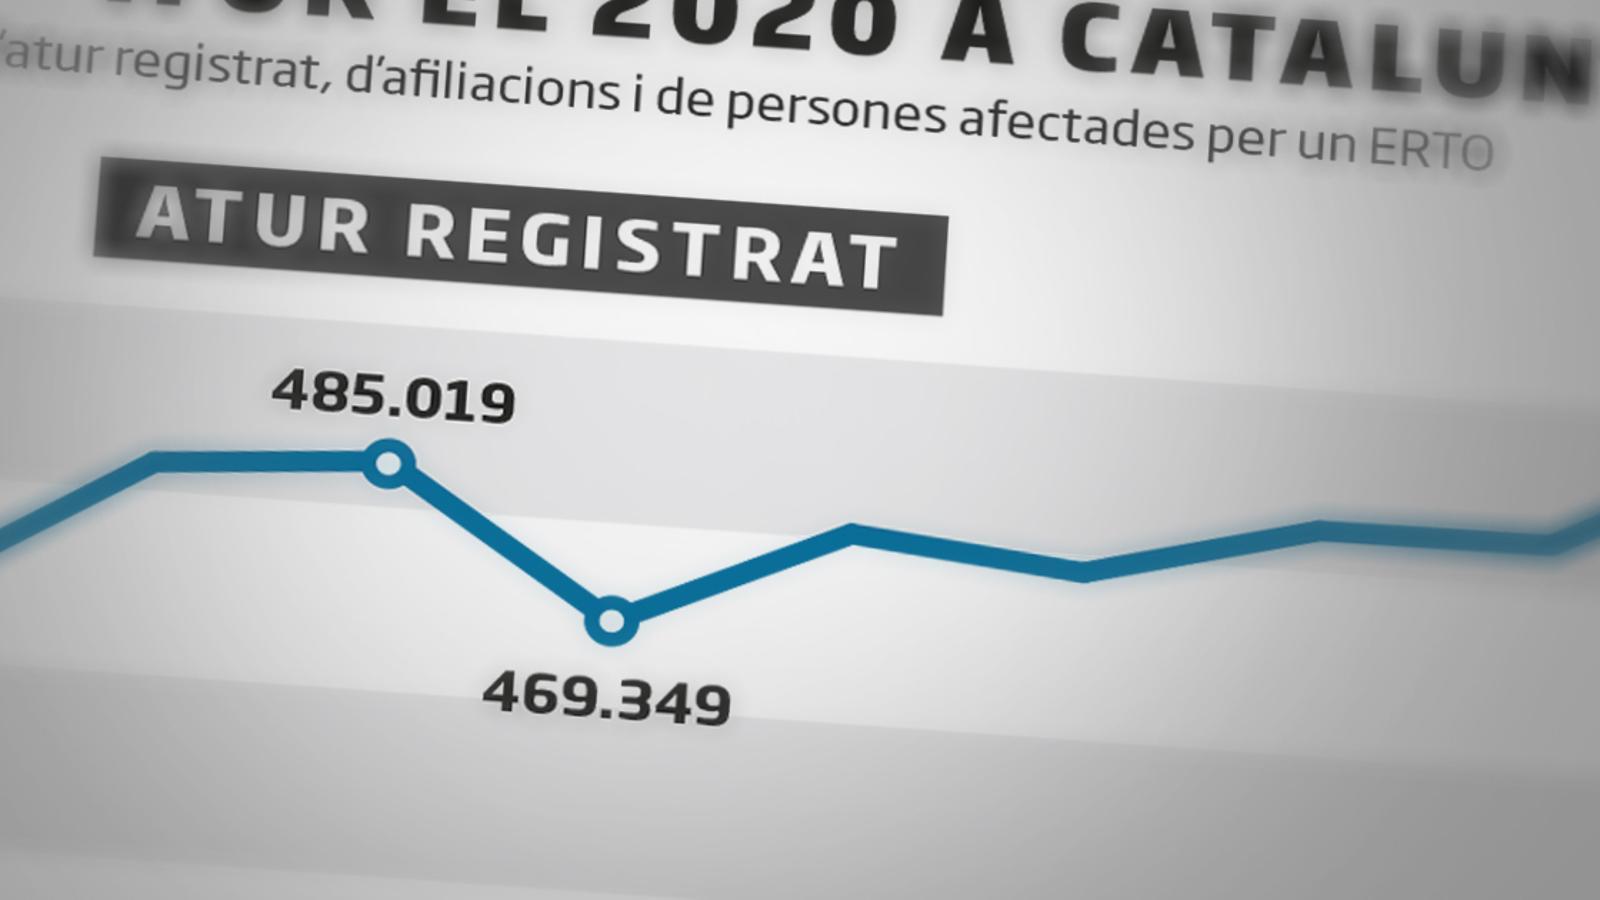 La pandèmia deixa a Catalunya 110.000 aturats més i 75.000 llocs de feina destruïts